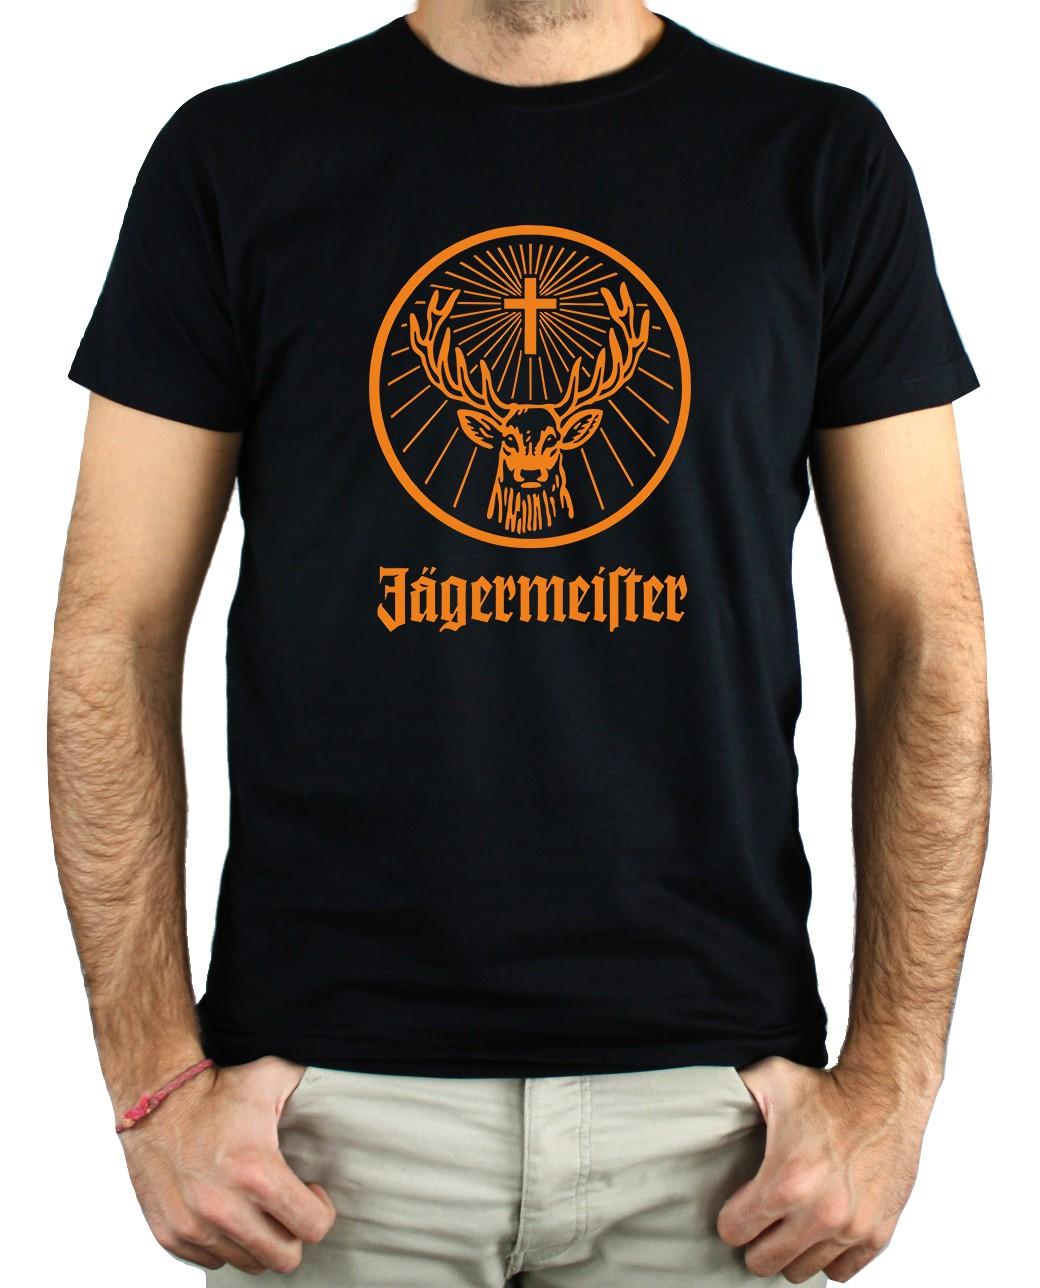 JAGERMAISTER